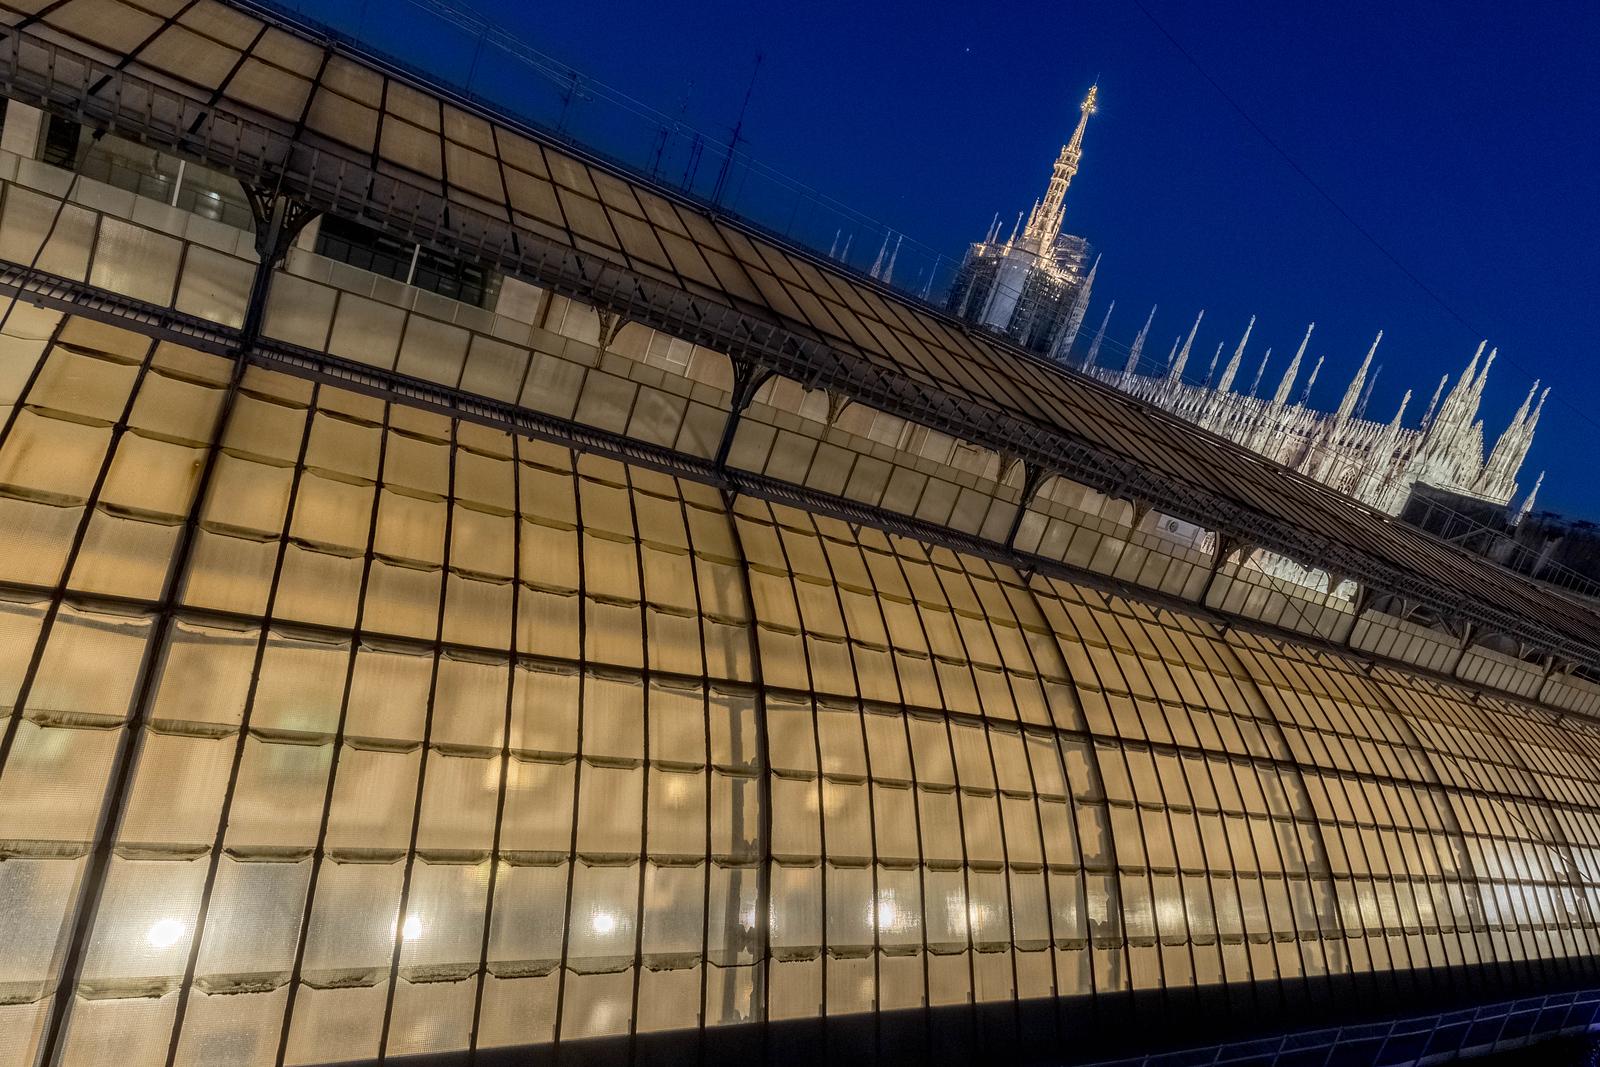 italy-milan-galleria-vittoria-emanuele-ii-duomo-di-milano-roof-twiight-1-1-HDR-3